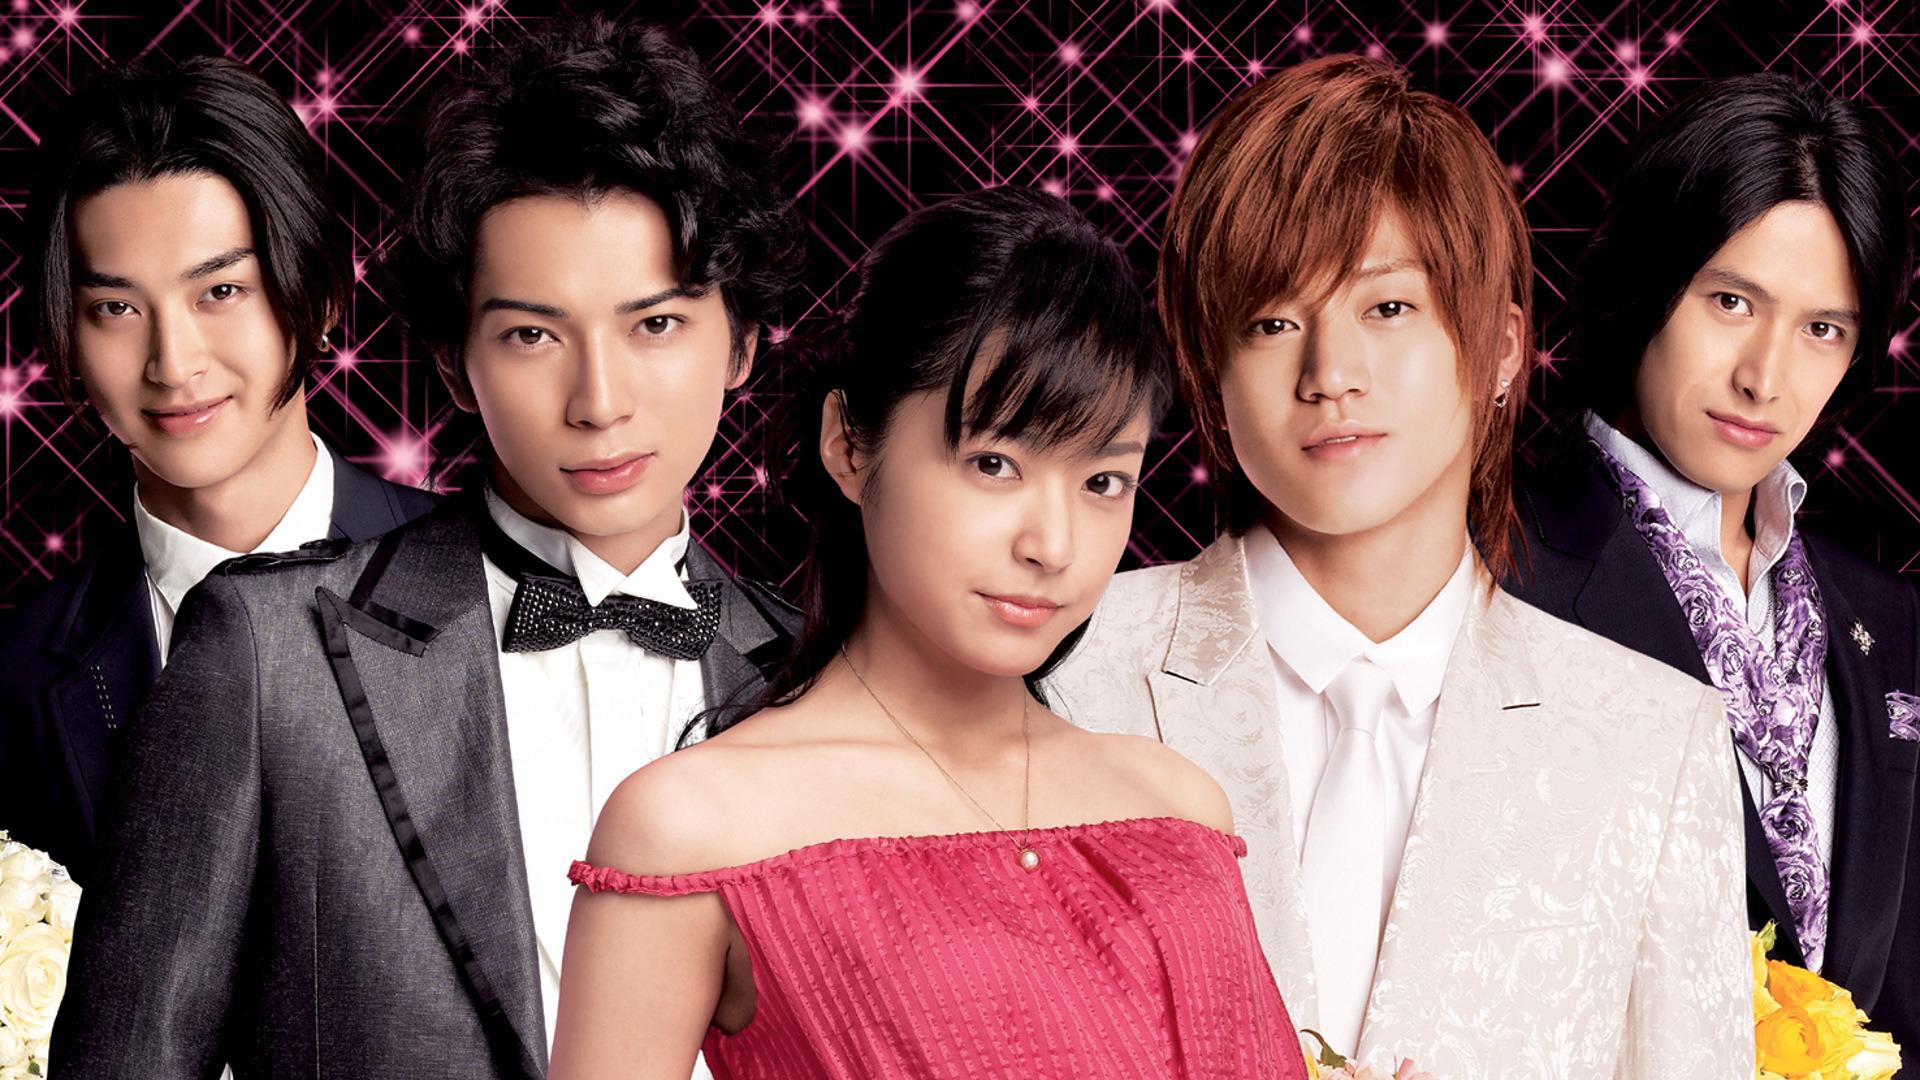 Show Hana Yori Dango